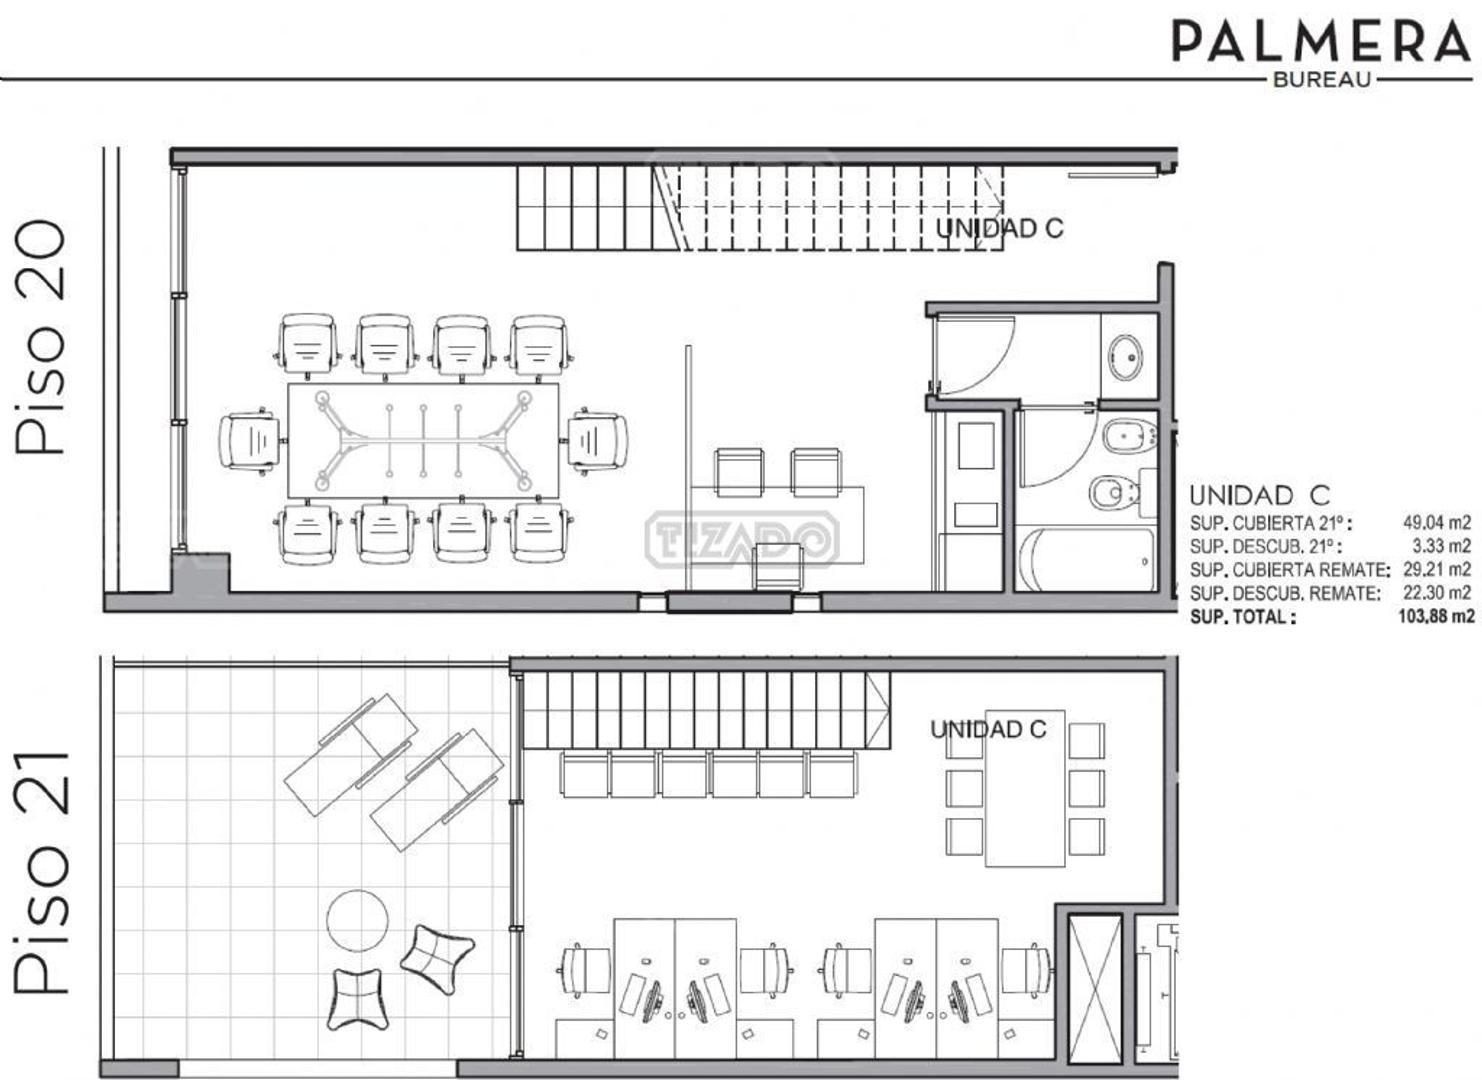 Oficina  en Venta ubicado en Olivos, Zona Norte - PRO0265_LP113847_1